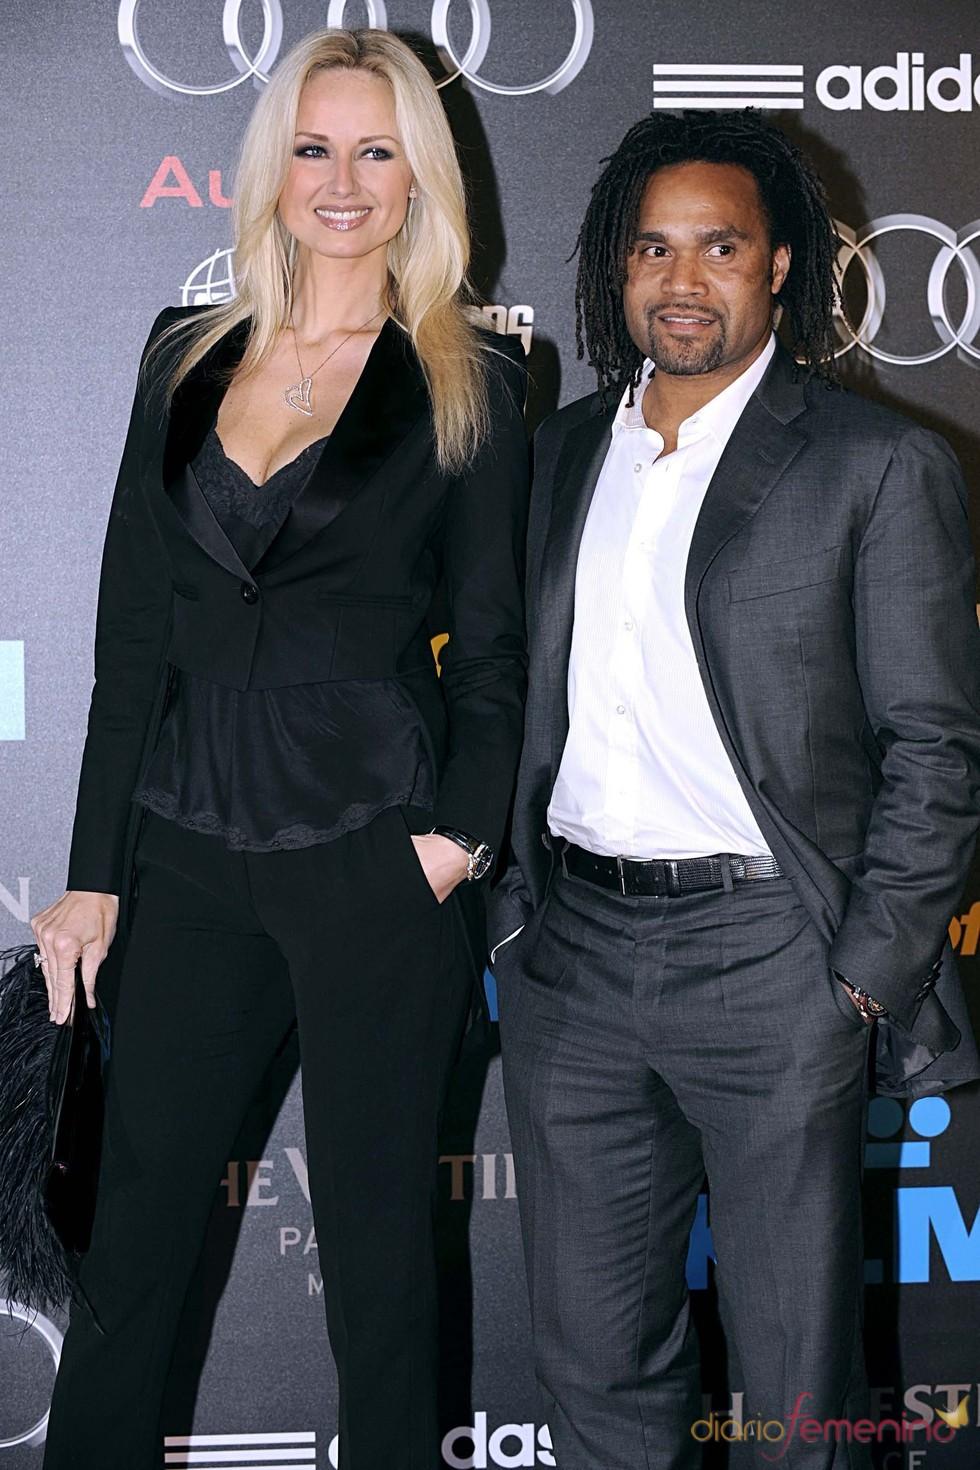 Christian Karembeu se separa de su mujer Adriana Karembeu